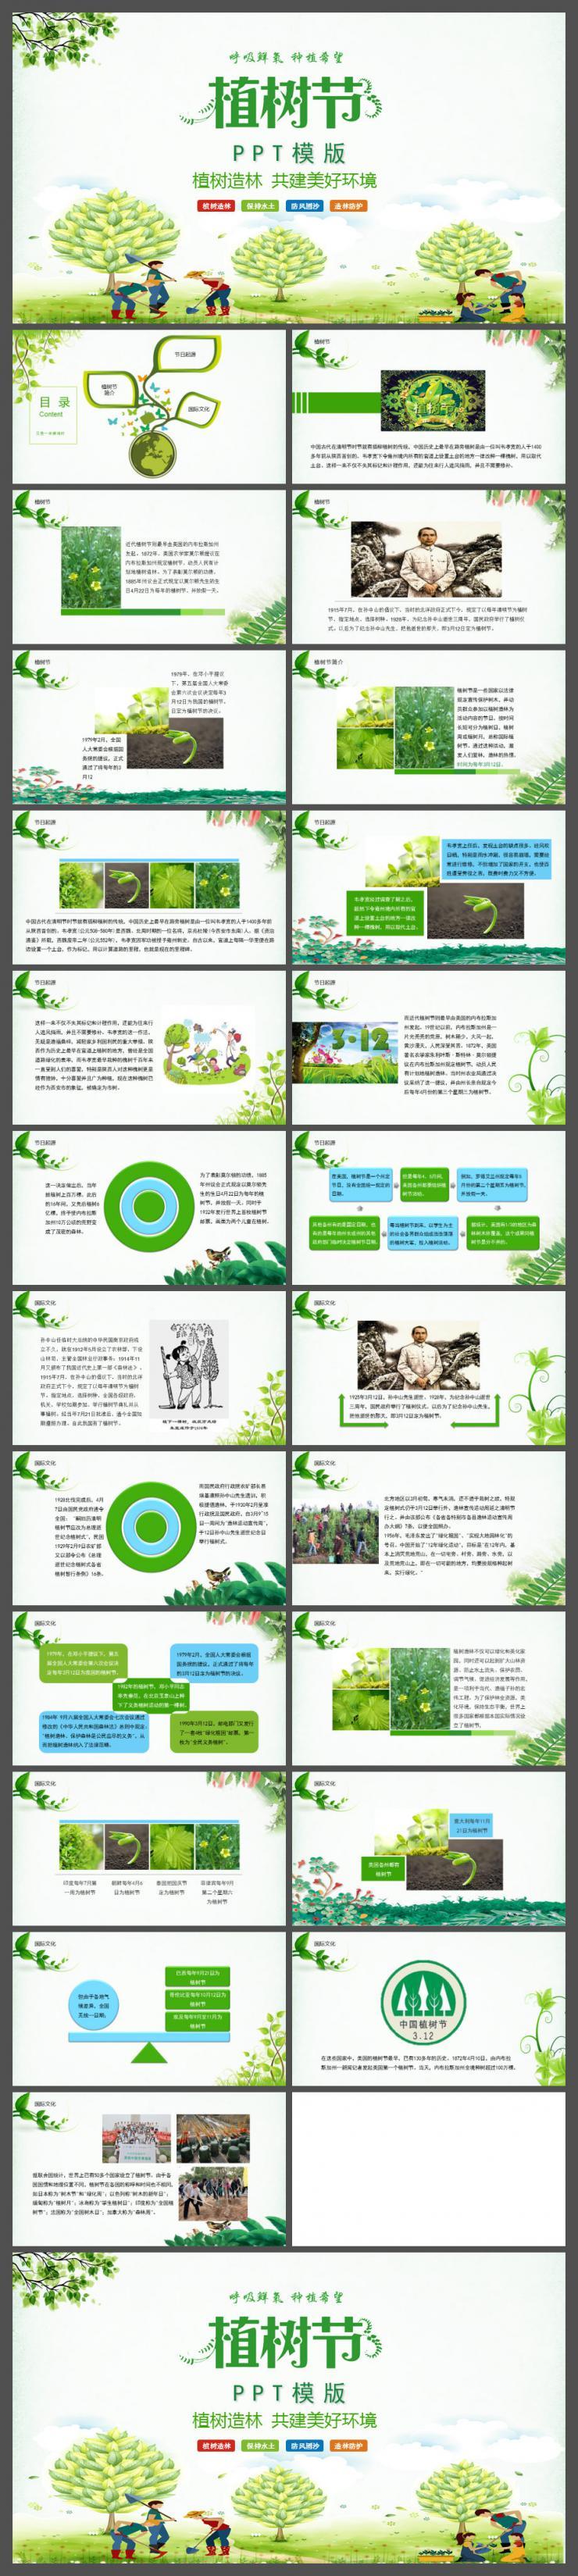 绿色清新传统节日312植树节介绍PPT模版